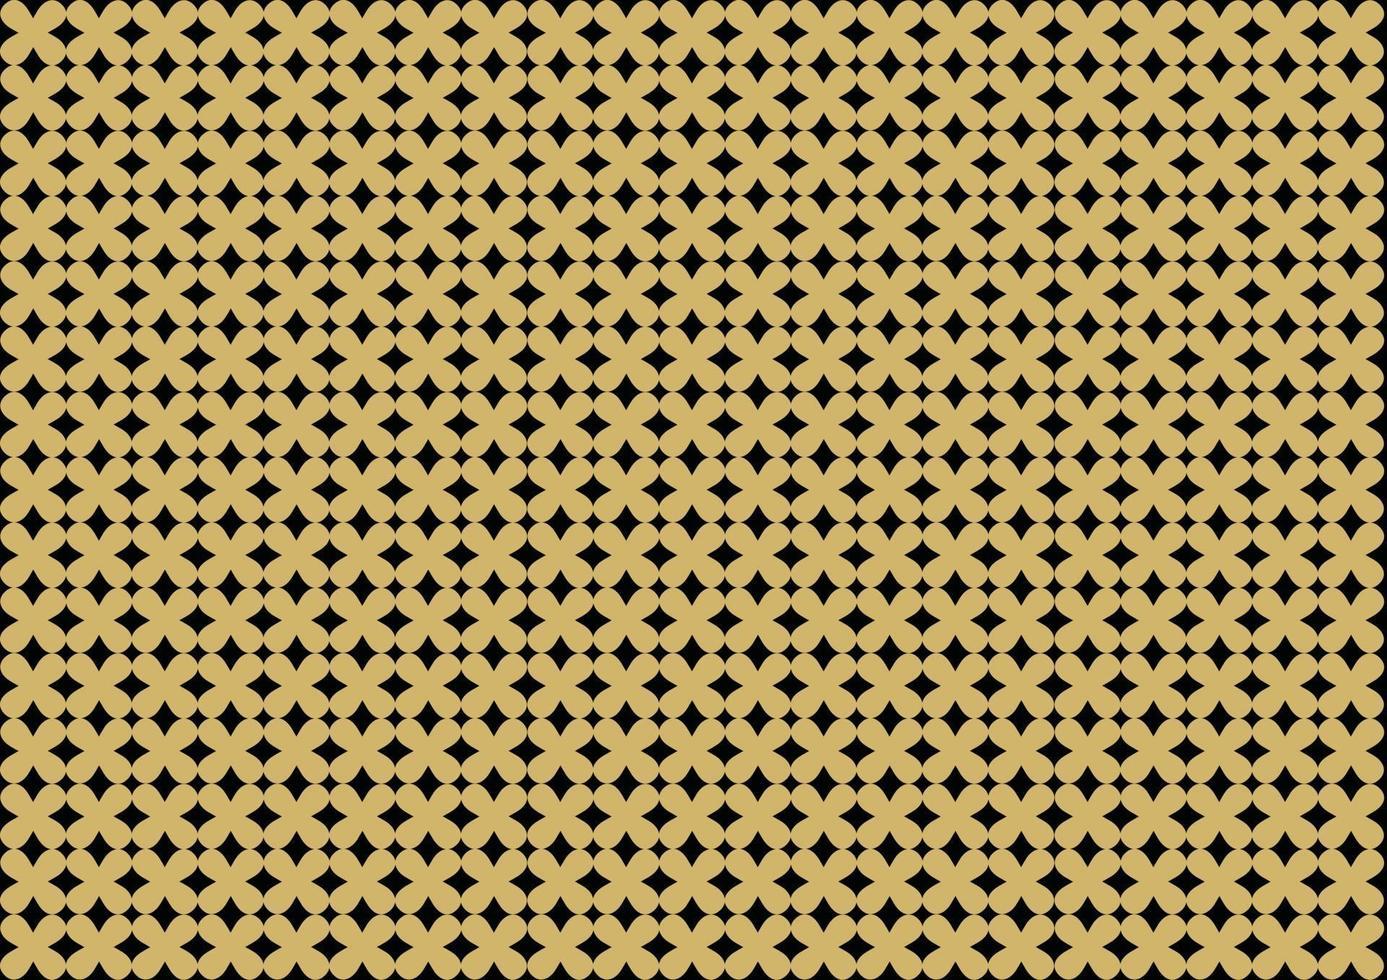 textura dorada. patrón geométrico sin costuras. fondo dorado abstracto. vector de hipster patrón retro